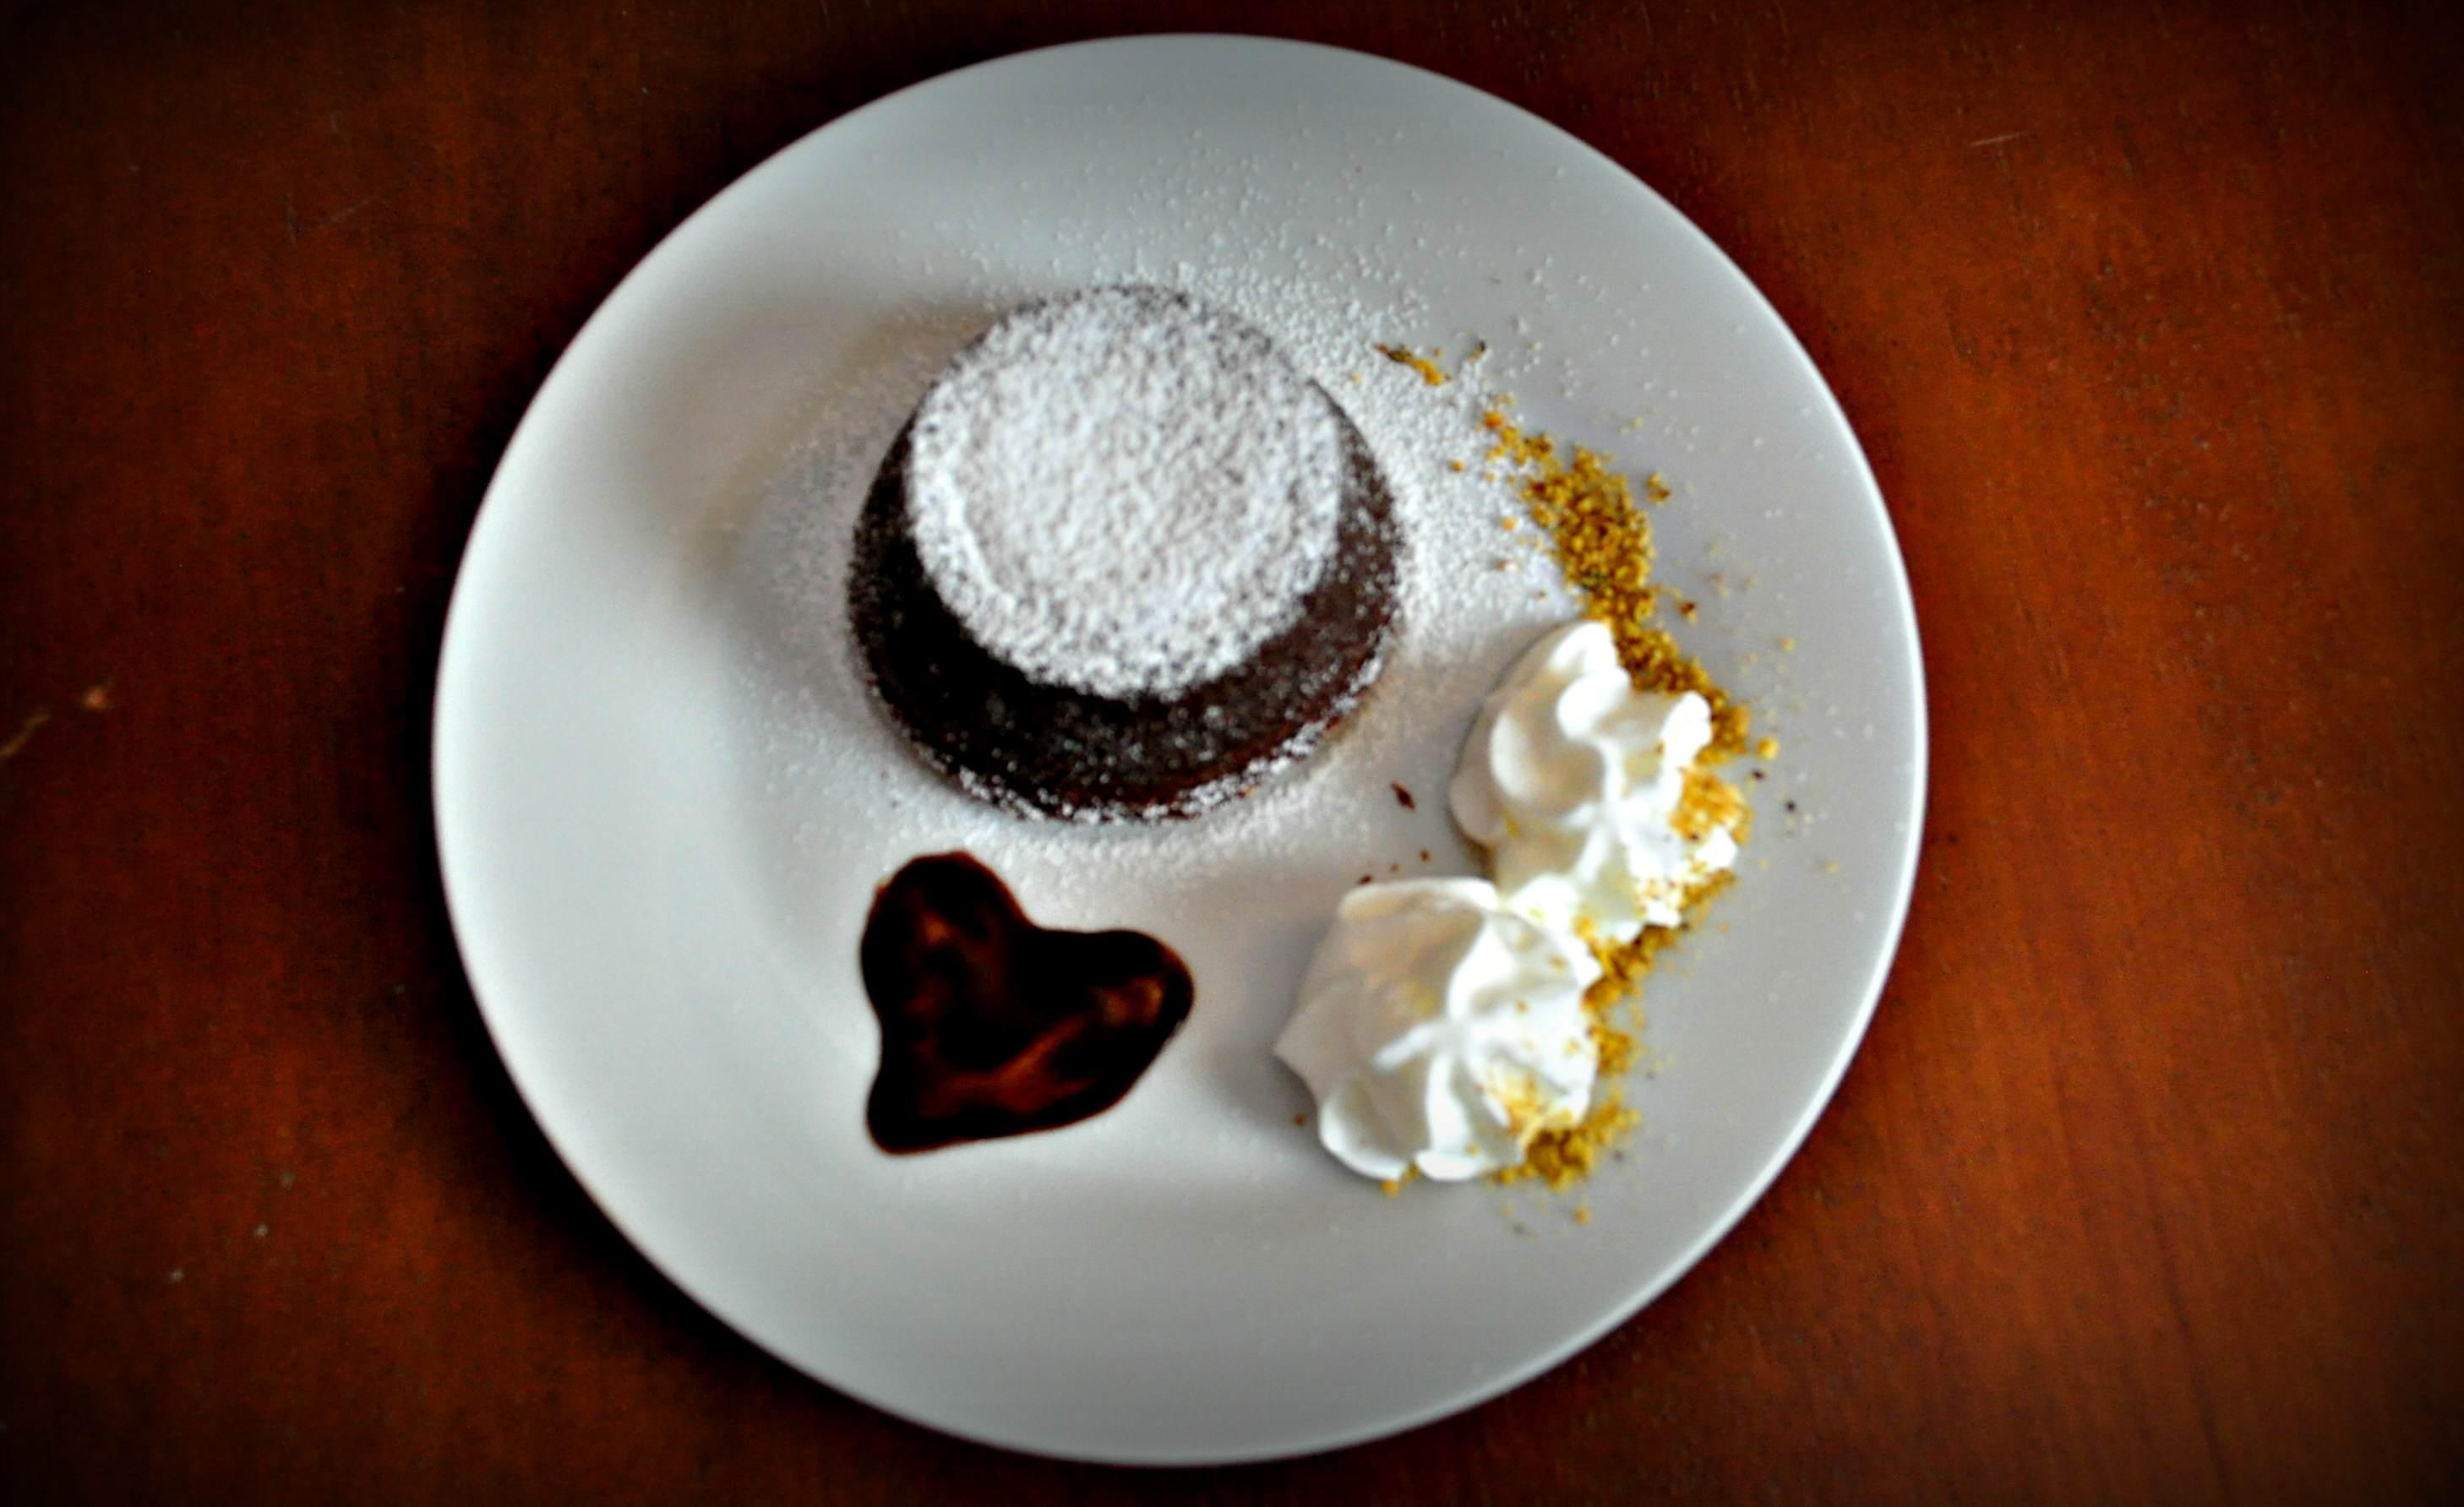 Dzień czekolady. Cuore caldo – prawdziwie czekoladowy włoski deser